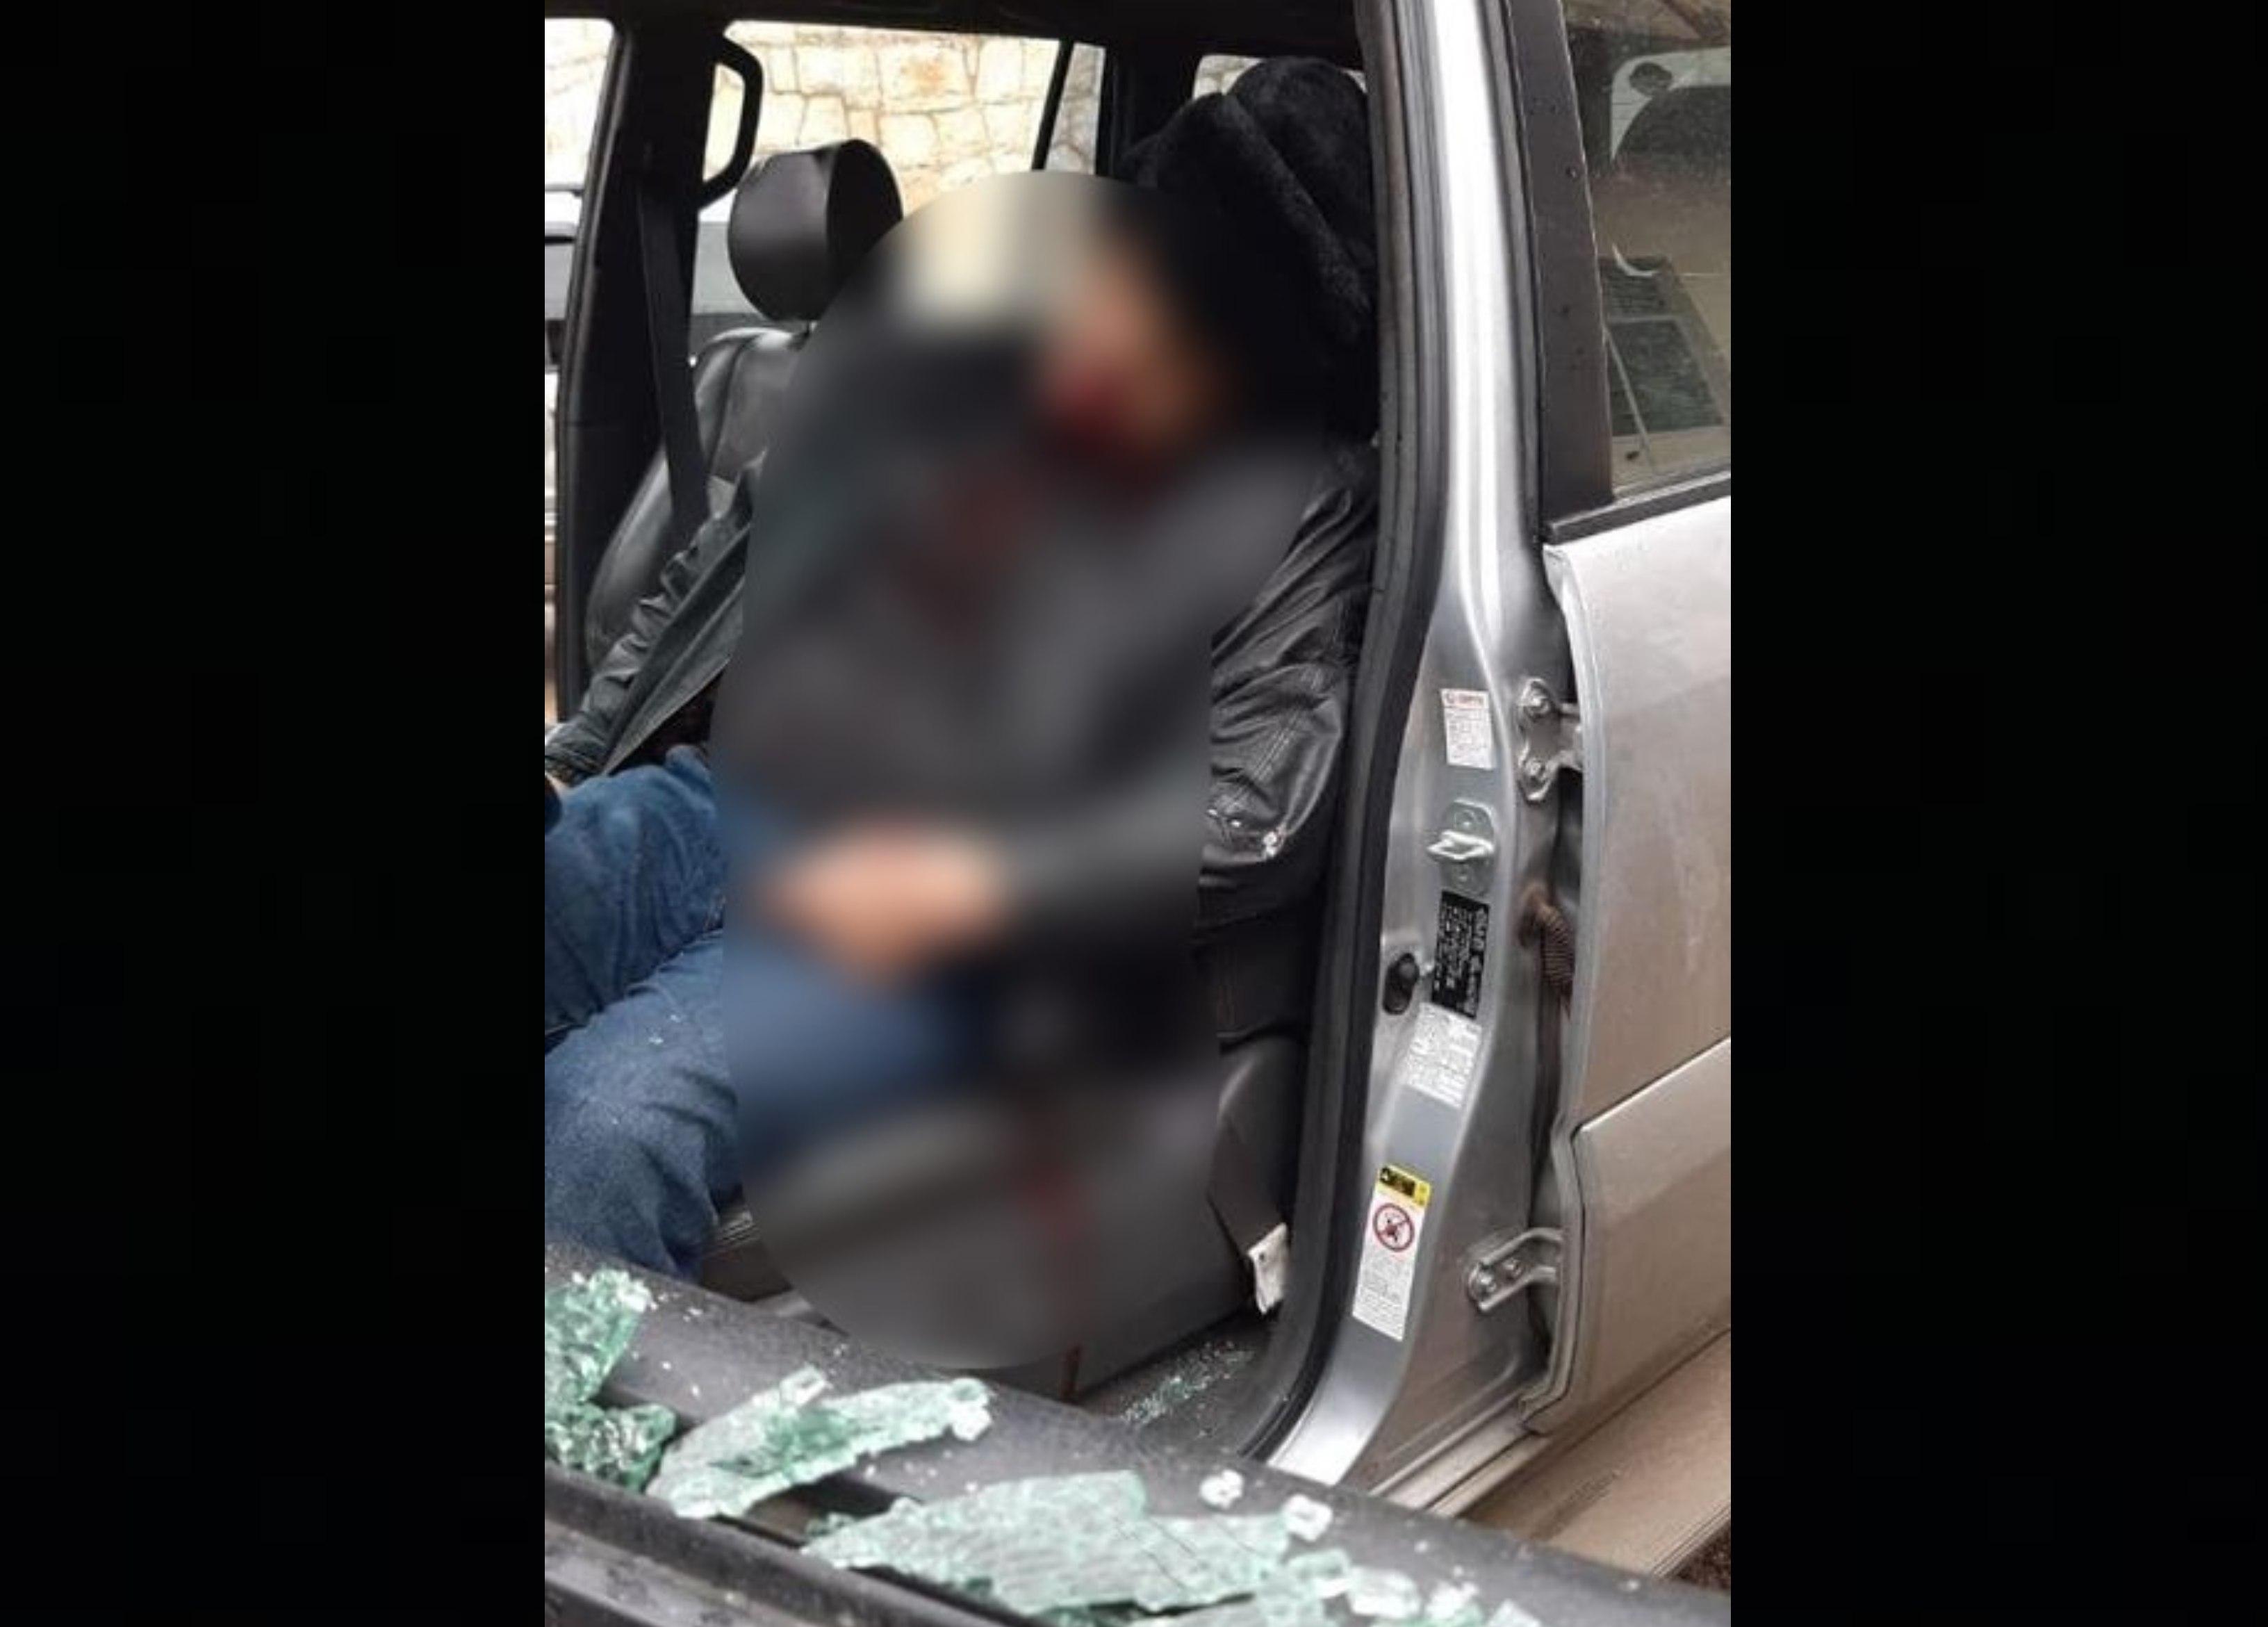 مجهولون أطلقوا النار على مواطن في الخضر - شرقي بعلبك ما ادى الى مقتله على الفور